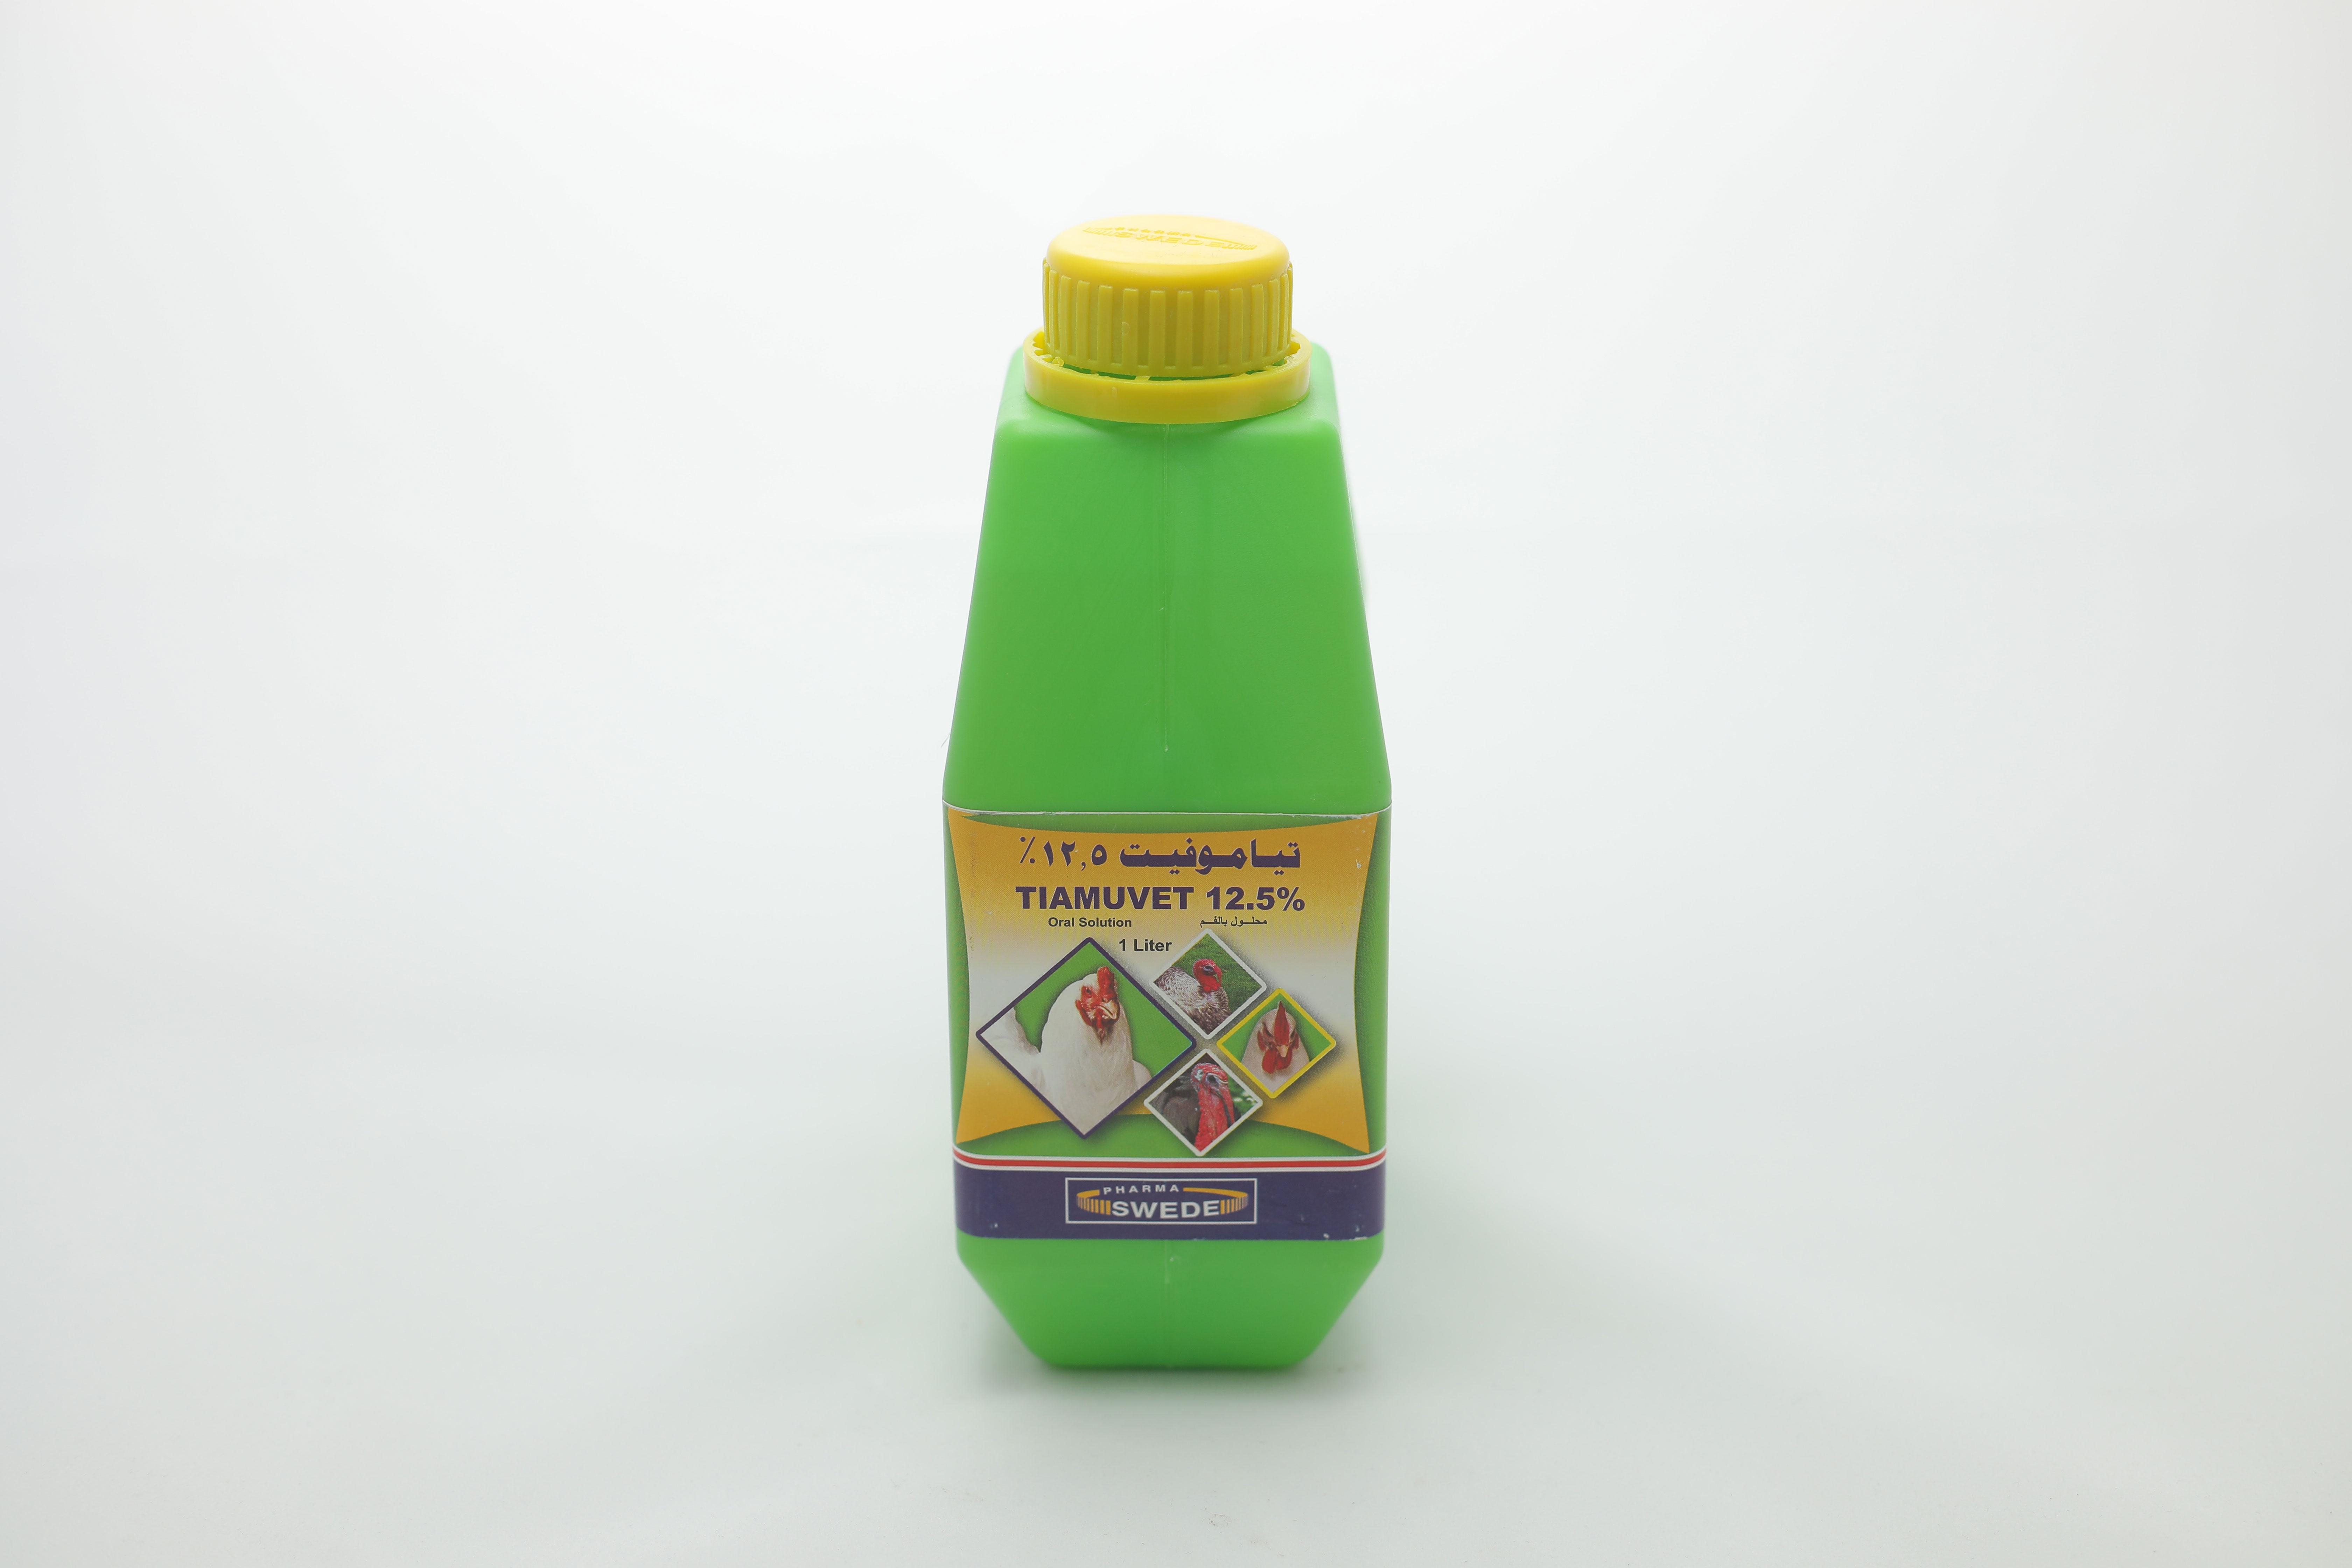 Tiamuvet 12.5% Oral Solution